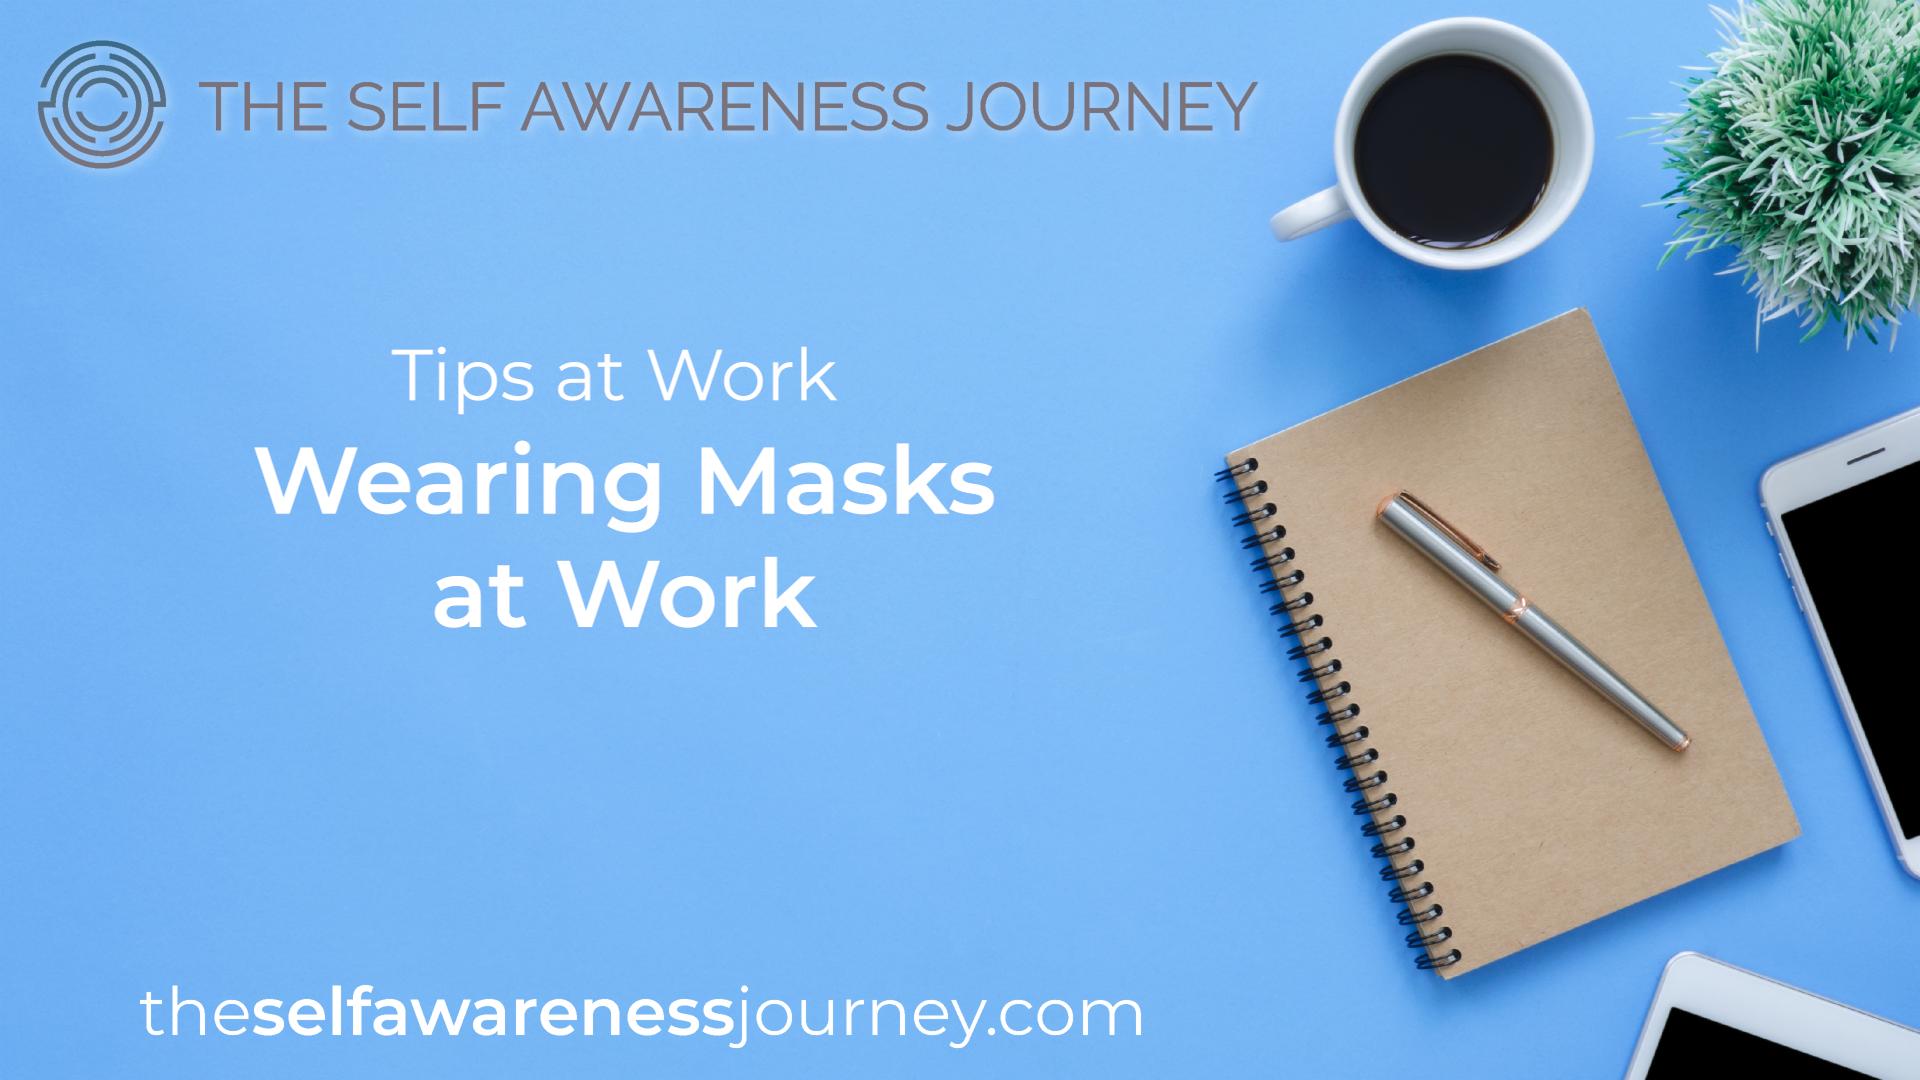 Wearing Masks at Work